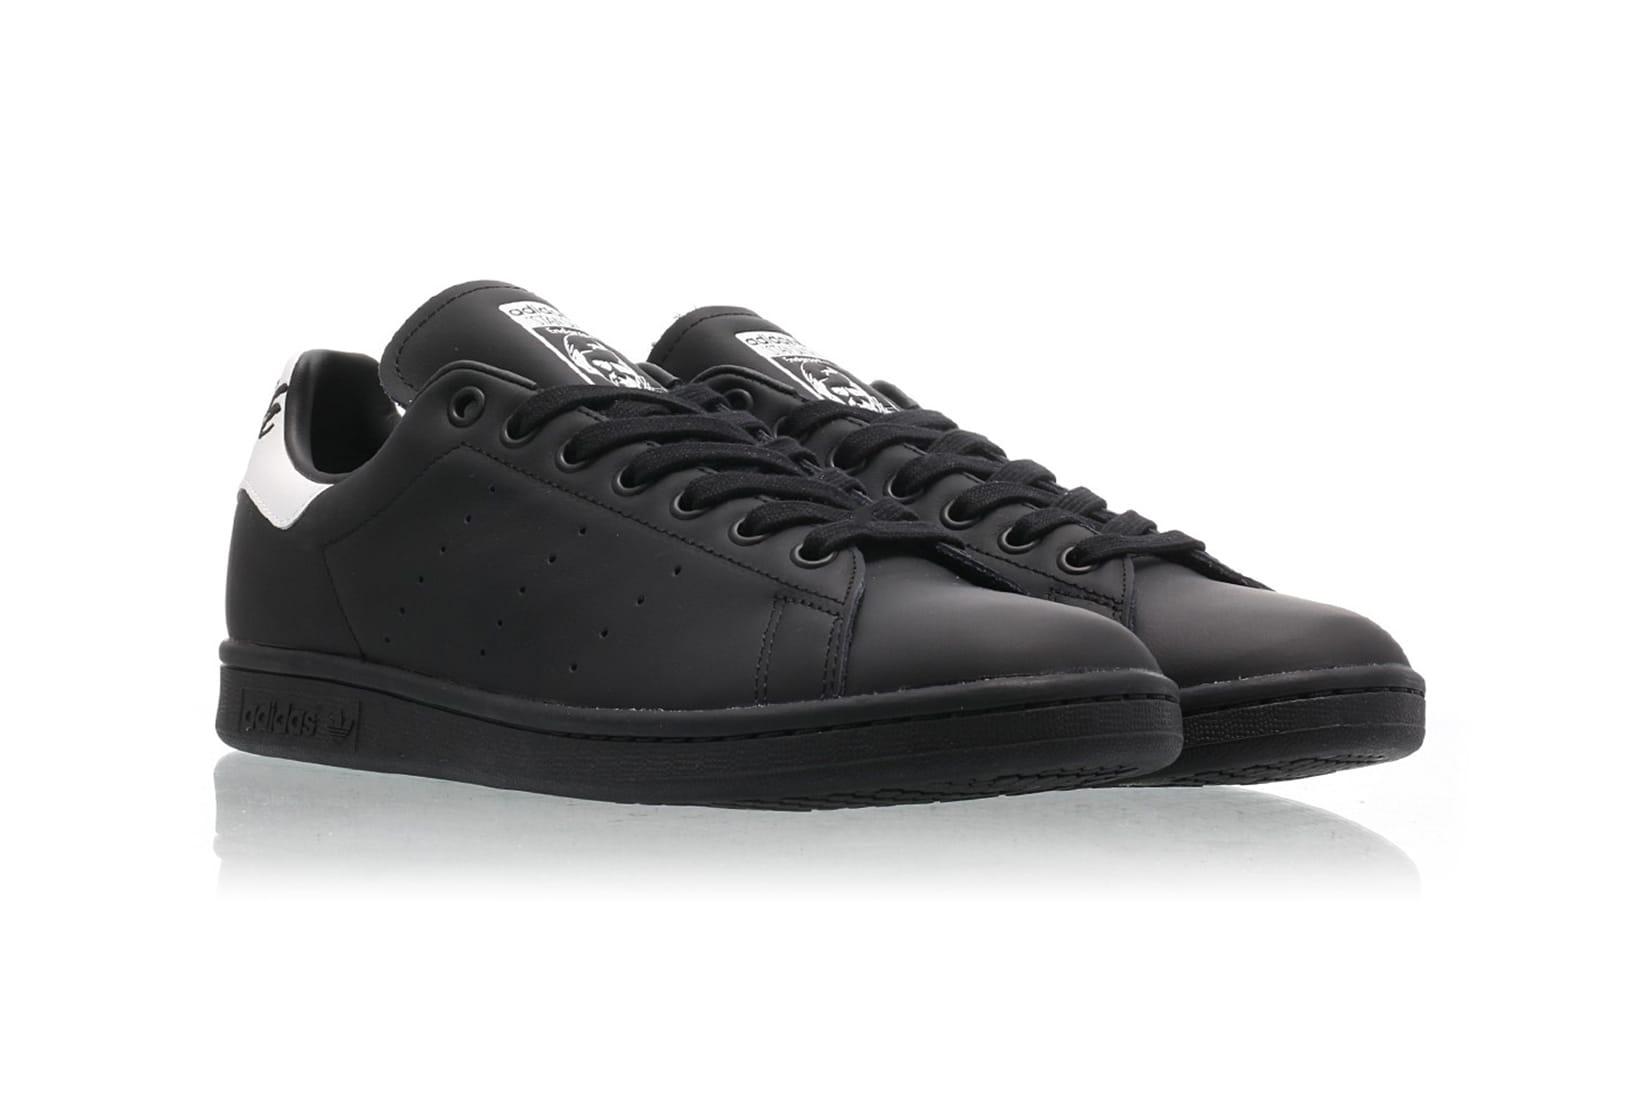 adidas' Stan Smith Cursive Heel in